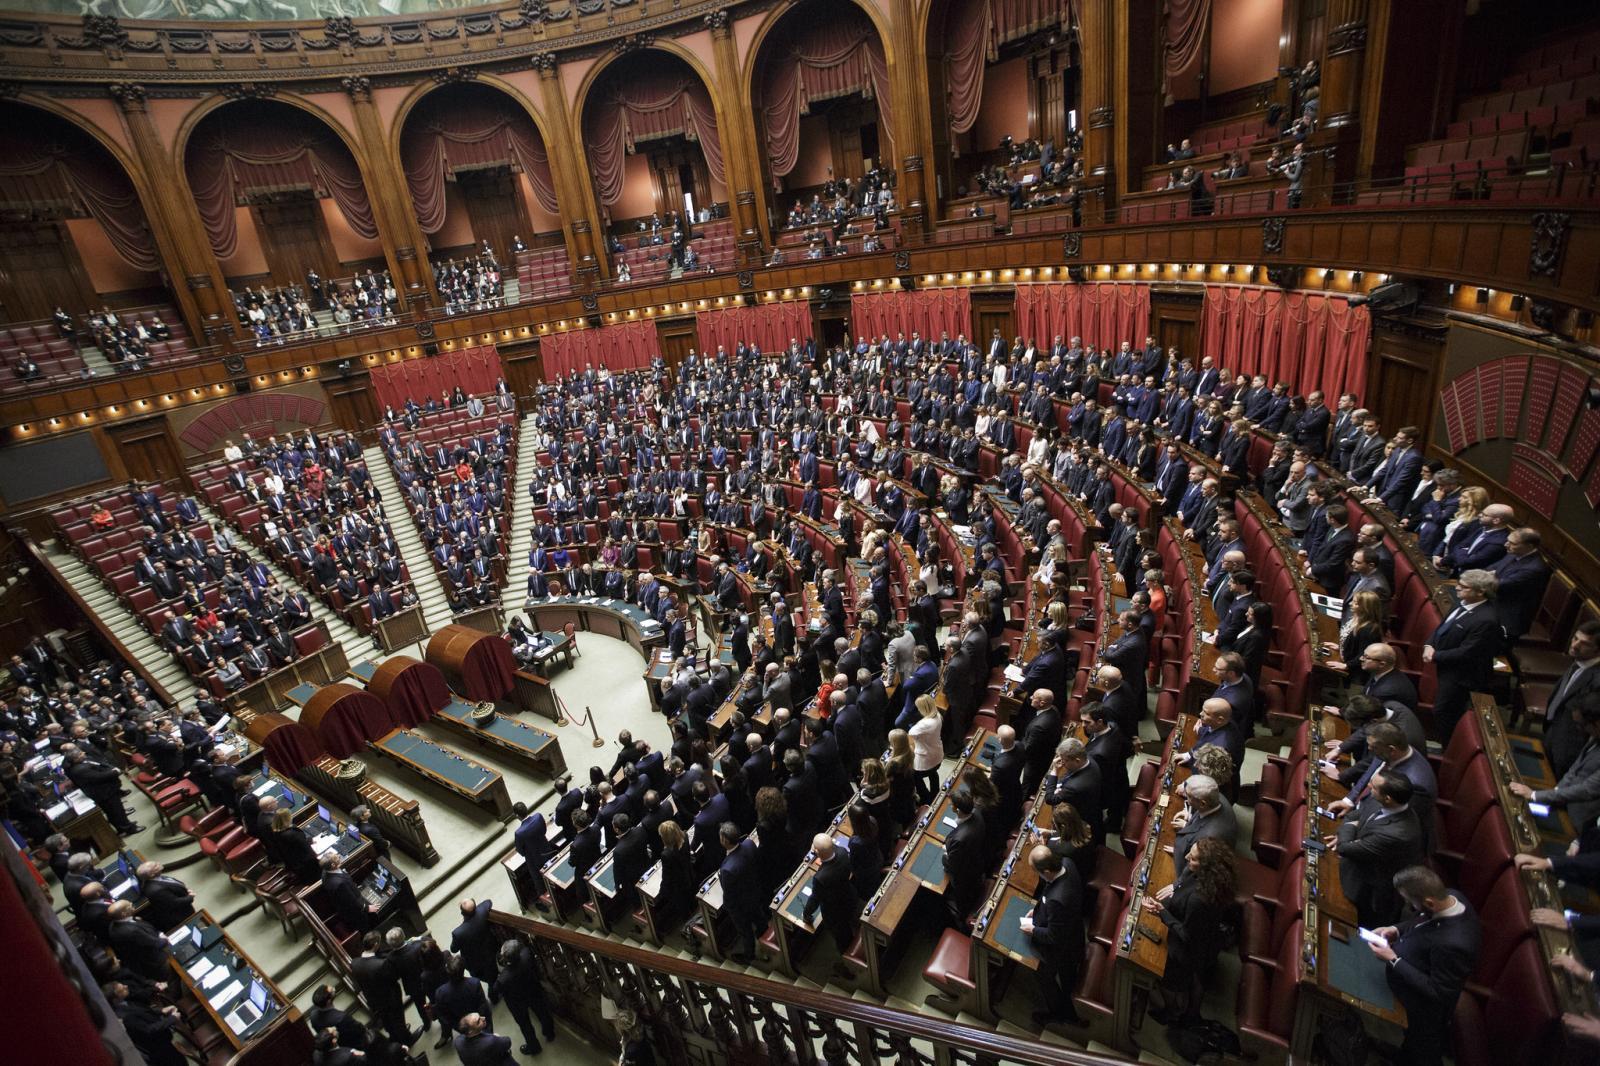 L'attuale Parlamento è incostituzionale? Sul piano giuridico, no. Su quello politico, sì. Per la maggioranza, il taglio garantisce l'efficienza delle Camere. Quindi perché Pd e M5s tengono in vita un organismo inadeguato?